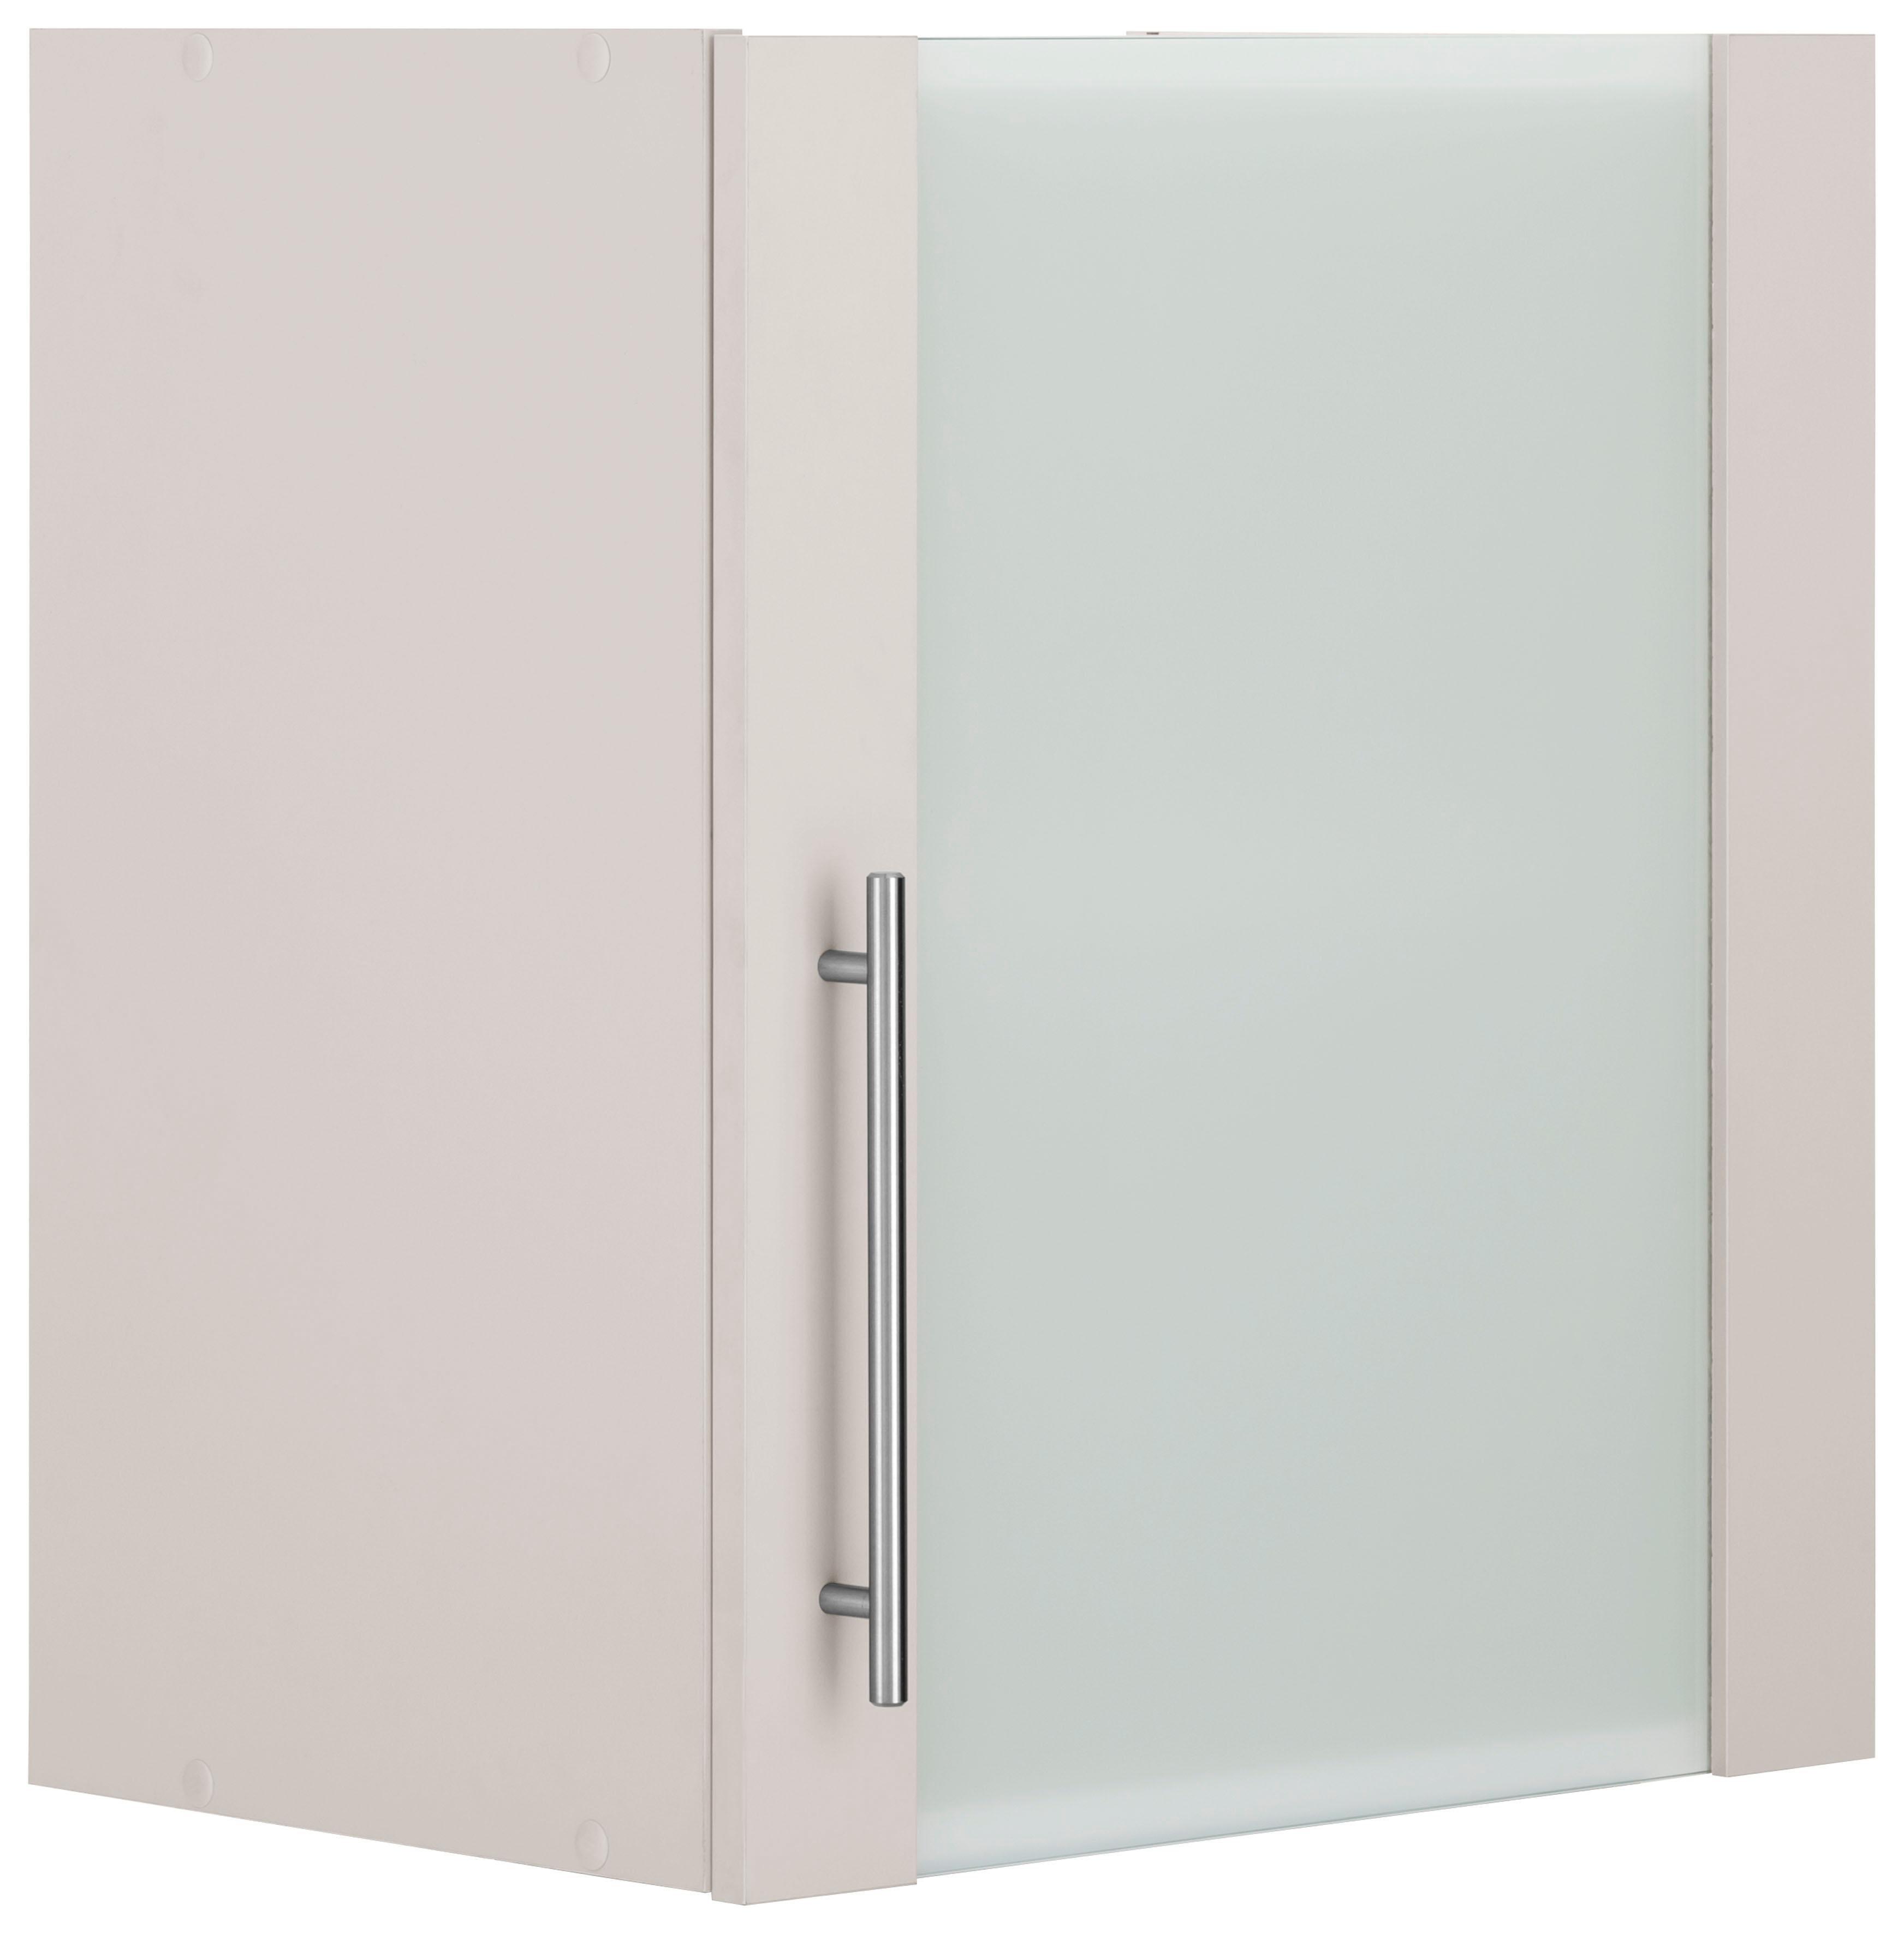 WIHO-Küchen Glashängeschrank »Cali«, Breite 50 cm   Wohnzimmer > Schränke > Weitere Schränke   Weiß - Anthrazit - Glanz   Melamin   wiho Küchen